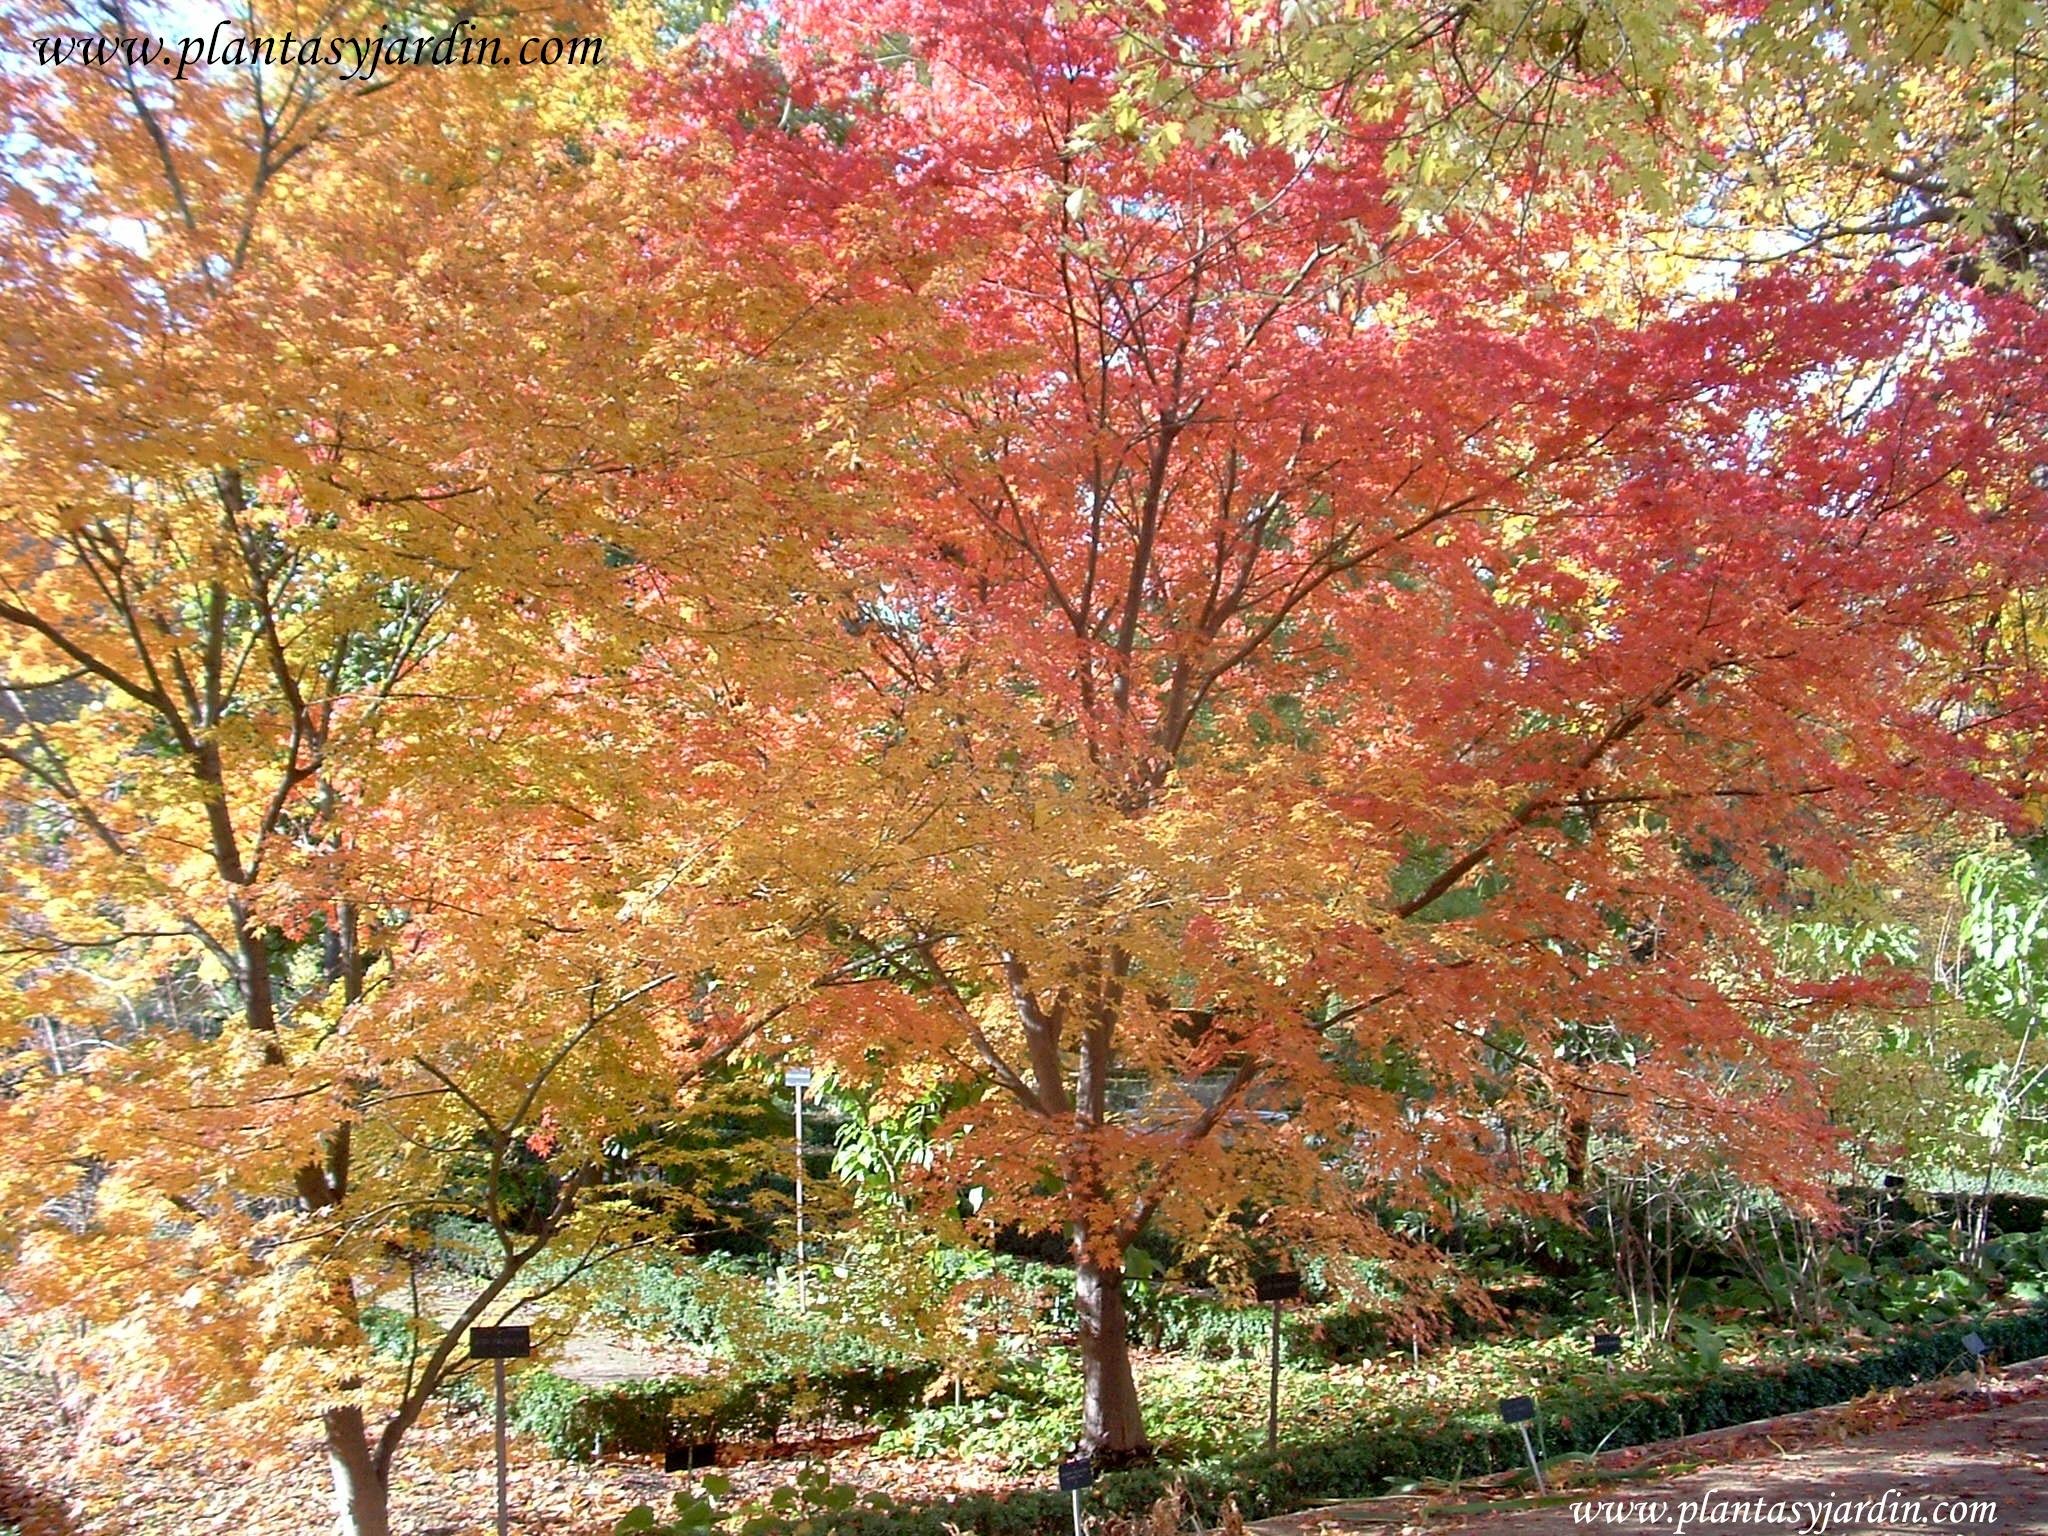 Acer palmatum colores otoñales.